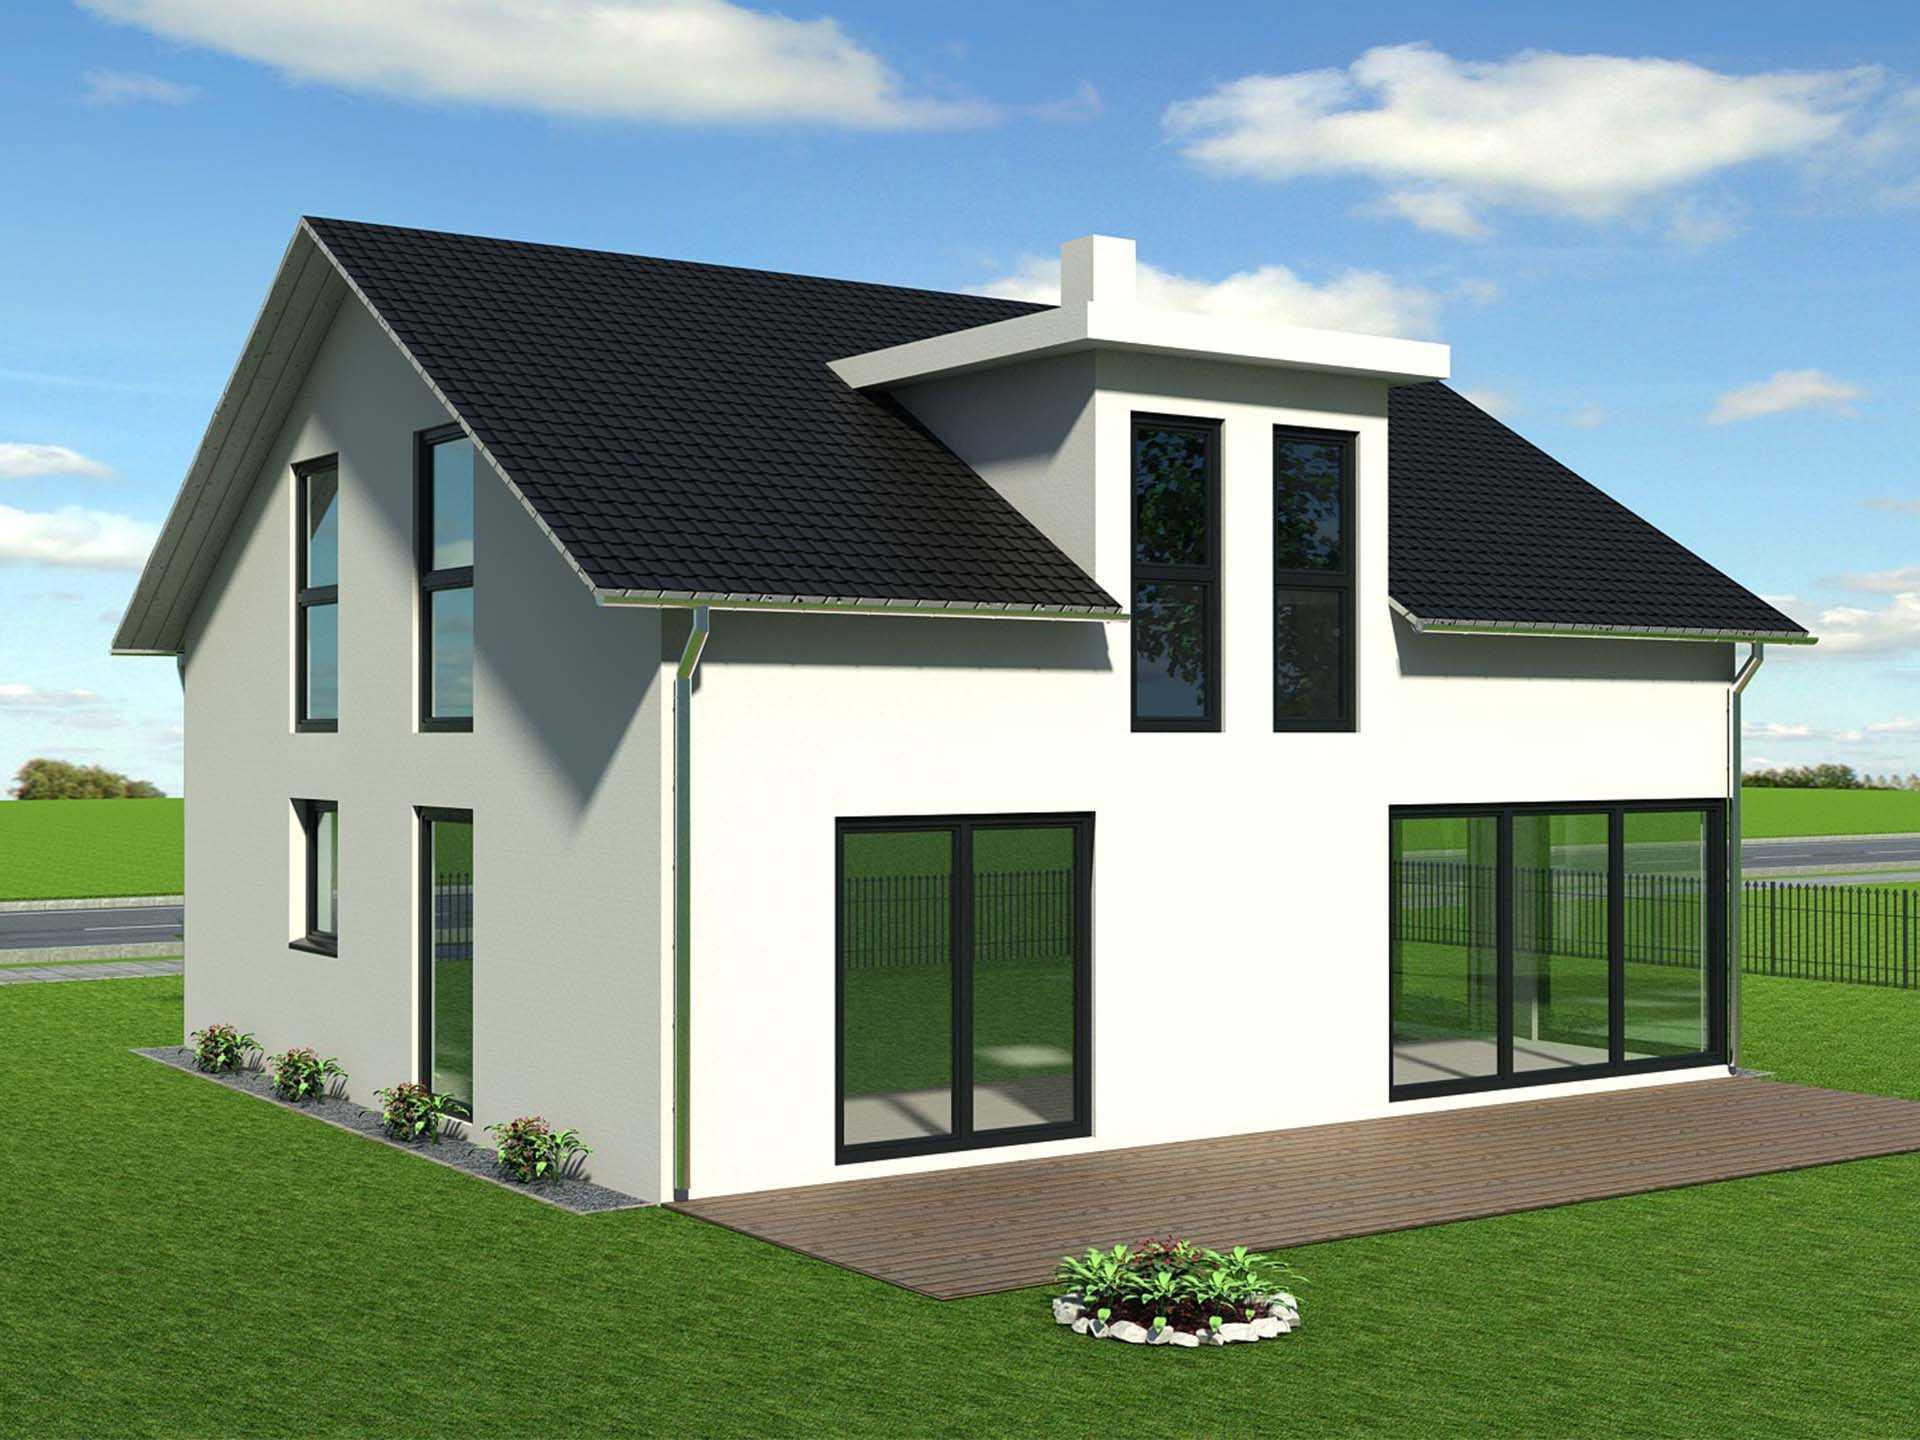 Imagebild - Fensterle Bauunternehmen